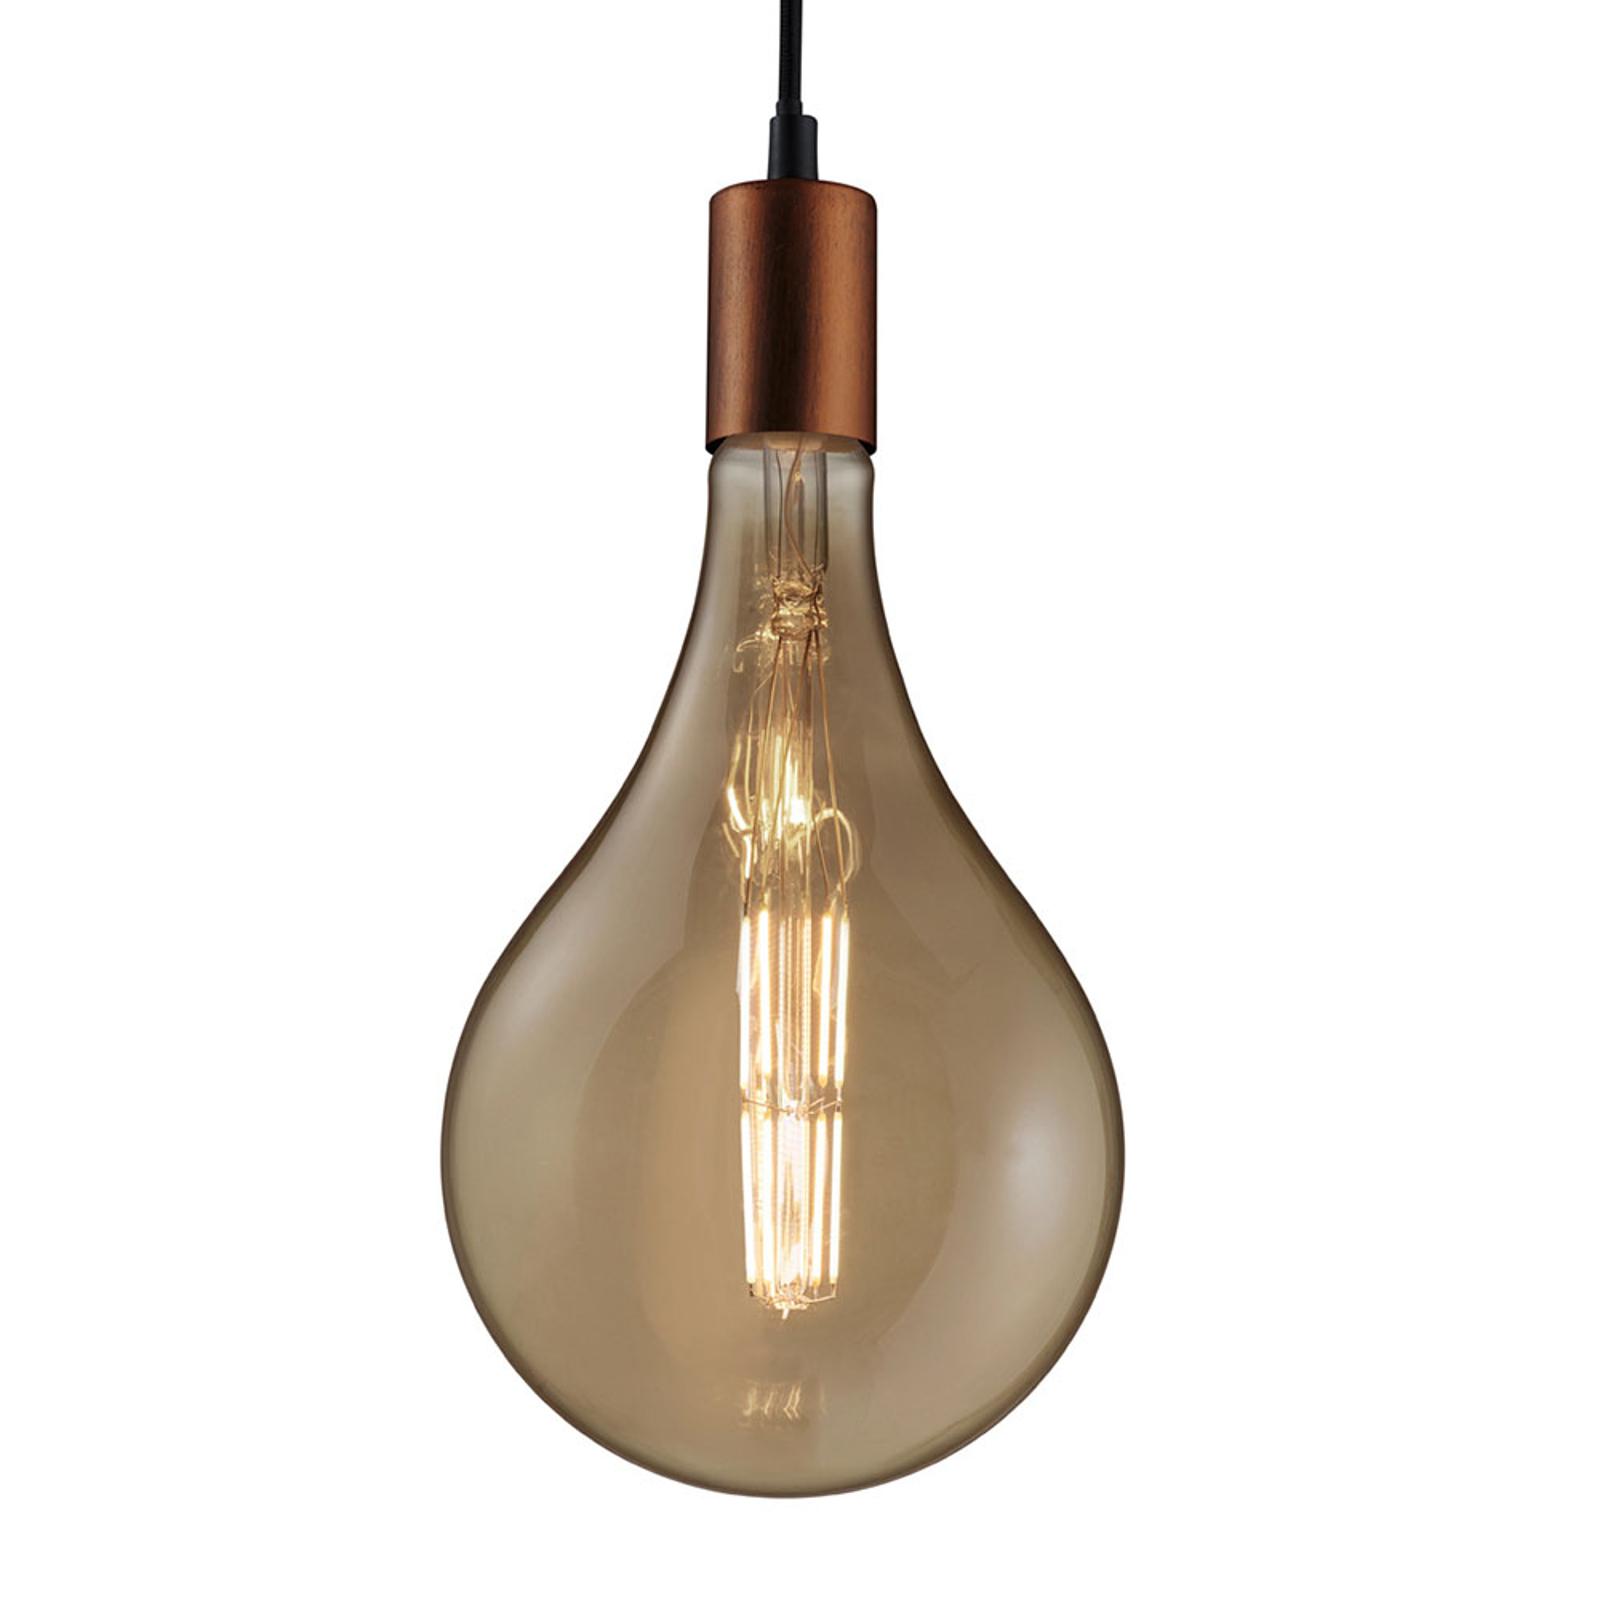 WiZ E27 Giant LED-Tropfenlampe 7W dim CCT Filament